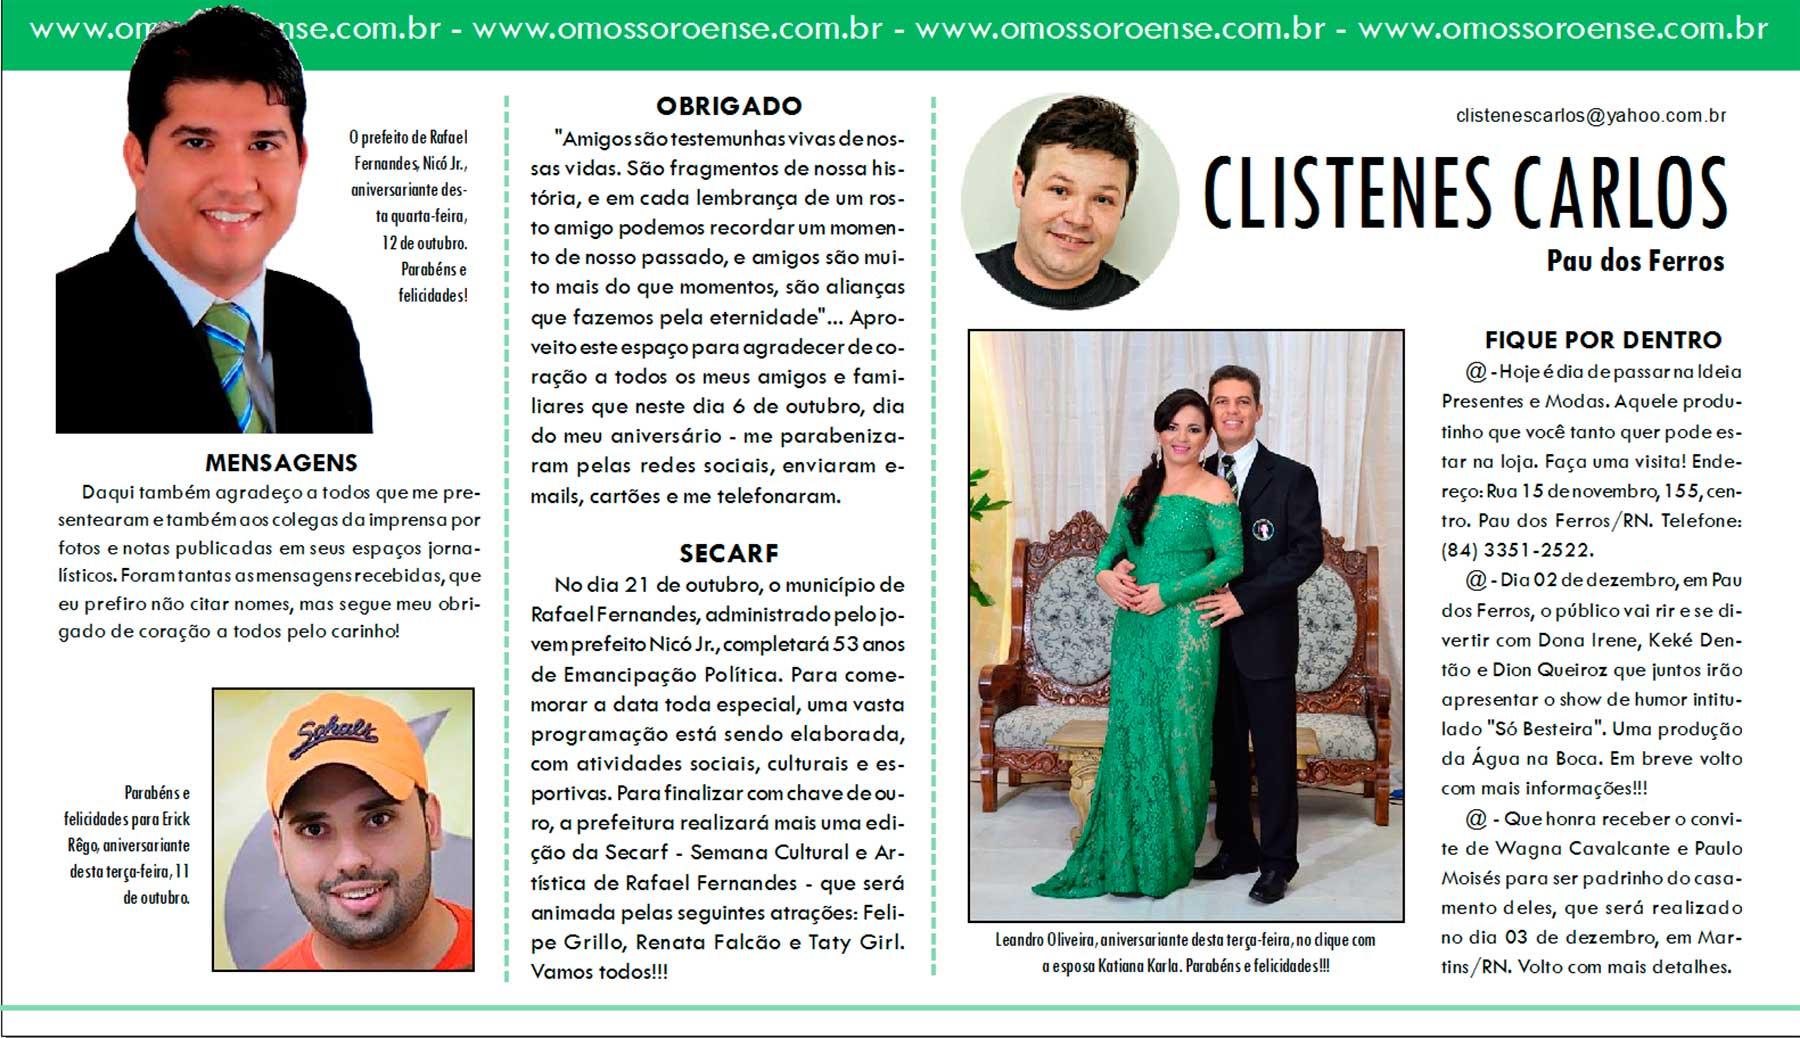 clistenes-carlos-11-10-16